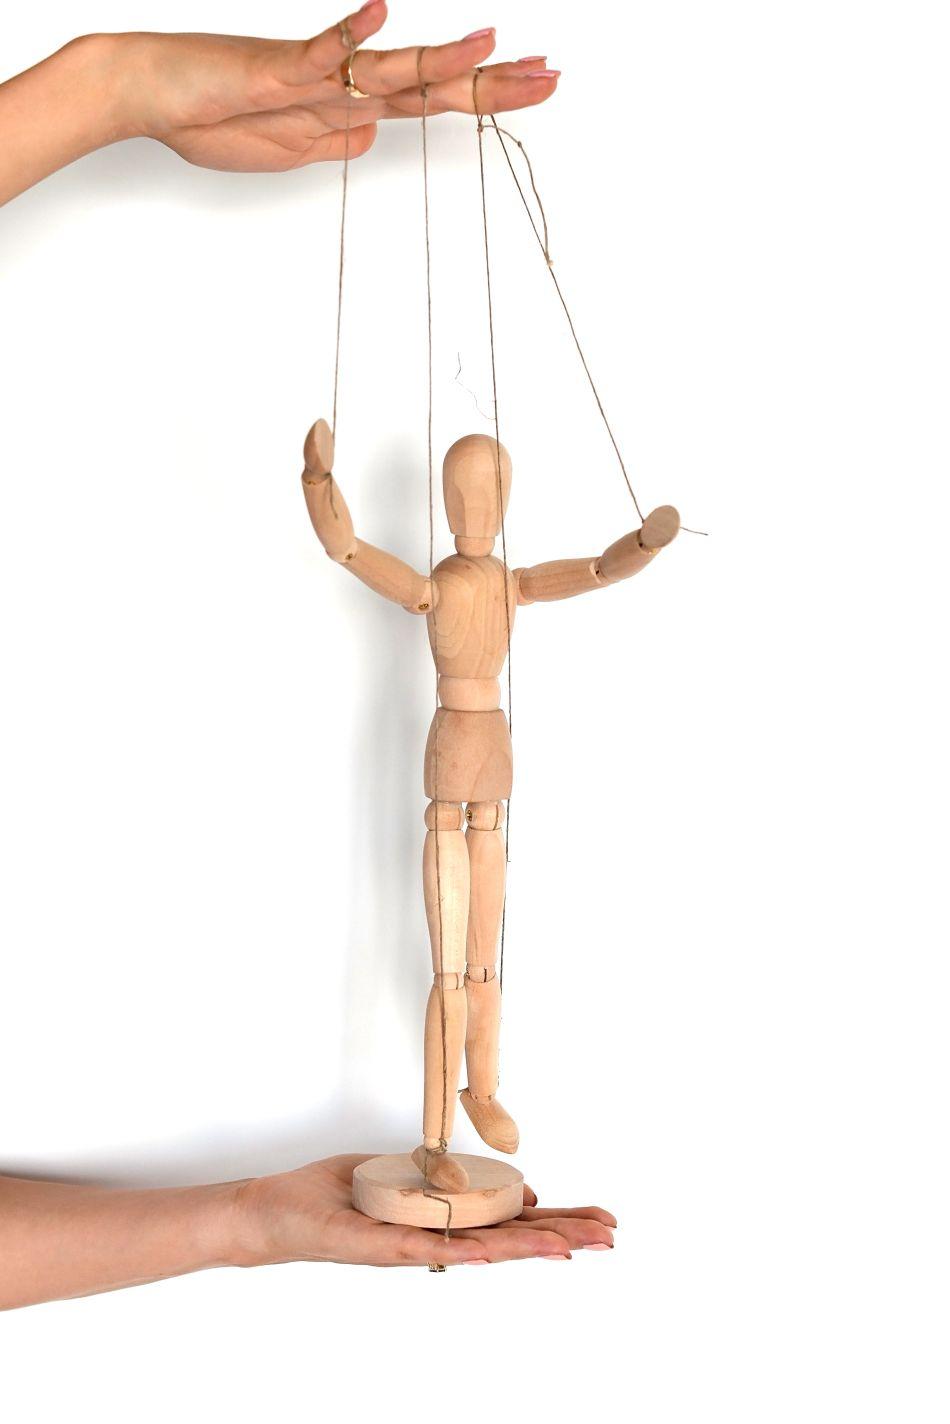 techniki manipulacji | psychologia | rozwoj | blogerka z krakowa